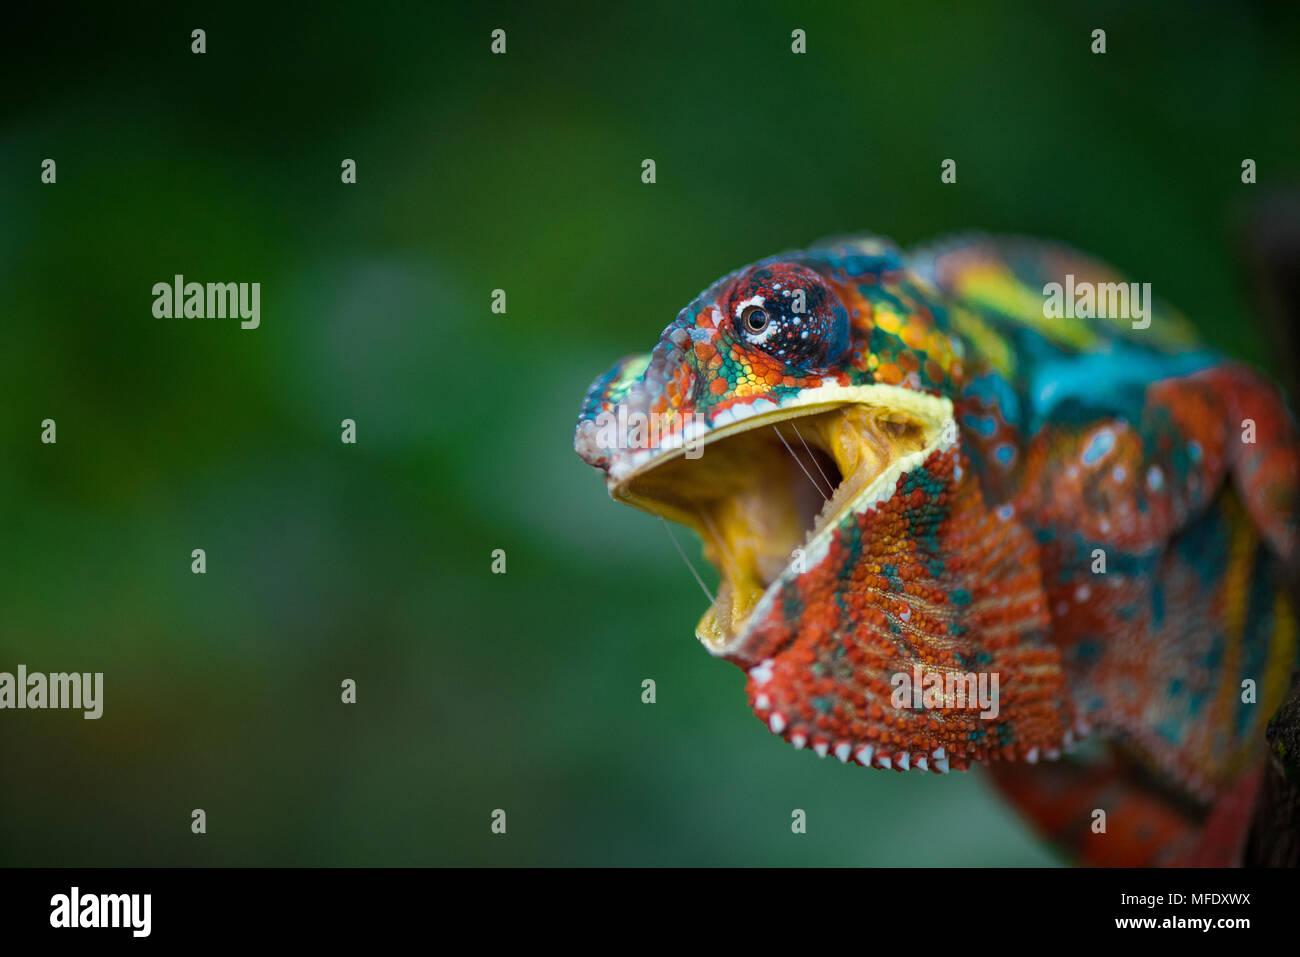 Camaleón pantera con brillantes colores / Chameleon con montaje abierto / / / silbido enojados camaleón Furcifer pardalis Ambilobe / Imagen De Stock